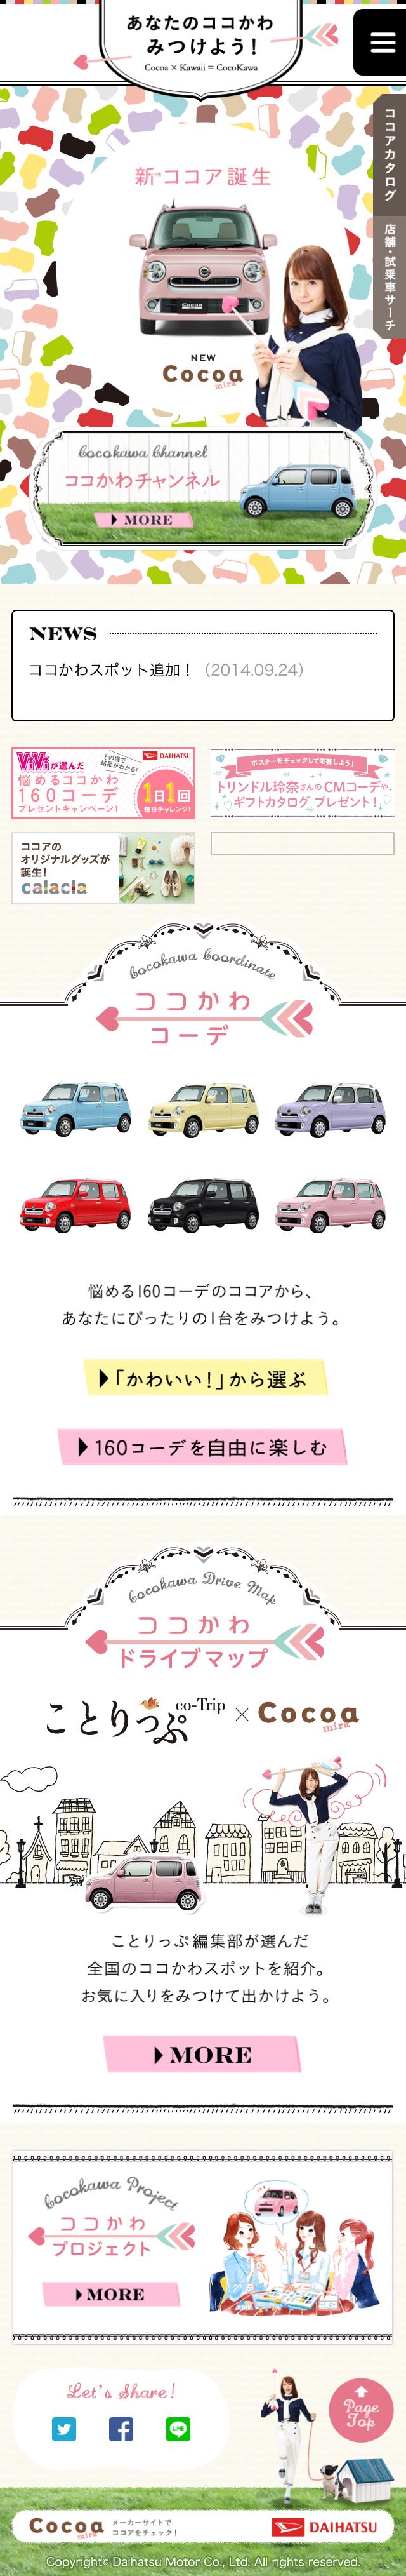 Http M Daihatsu Co Jp Cocokawa Lp デザイン スマホサイト デザイン ウェブデザイン